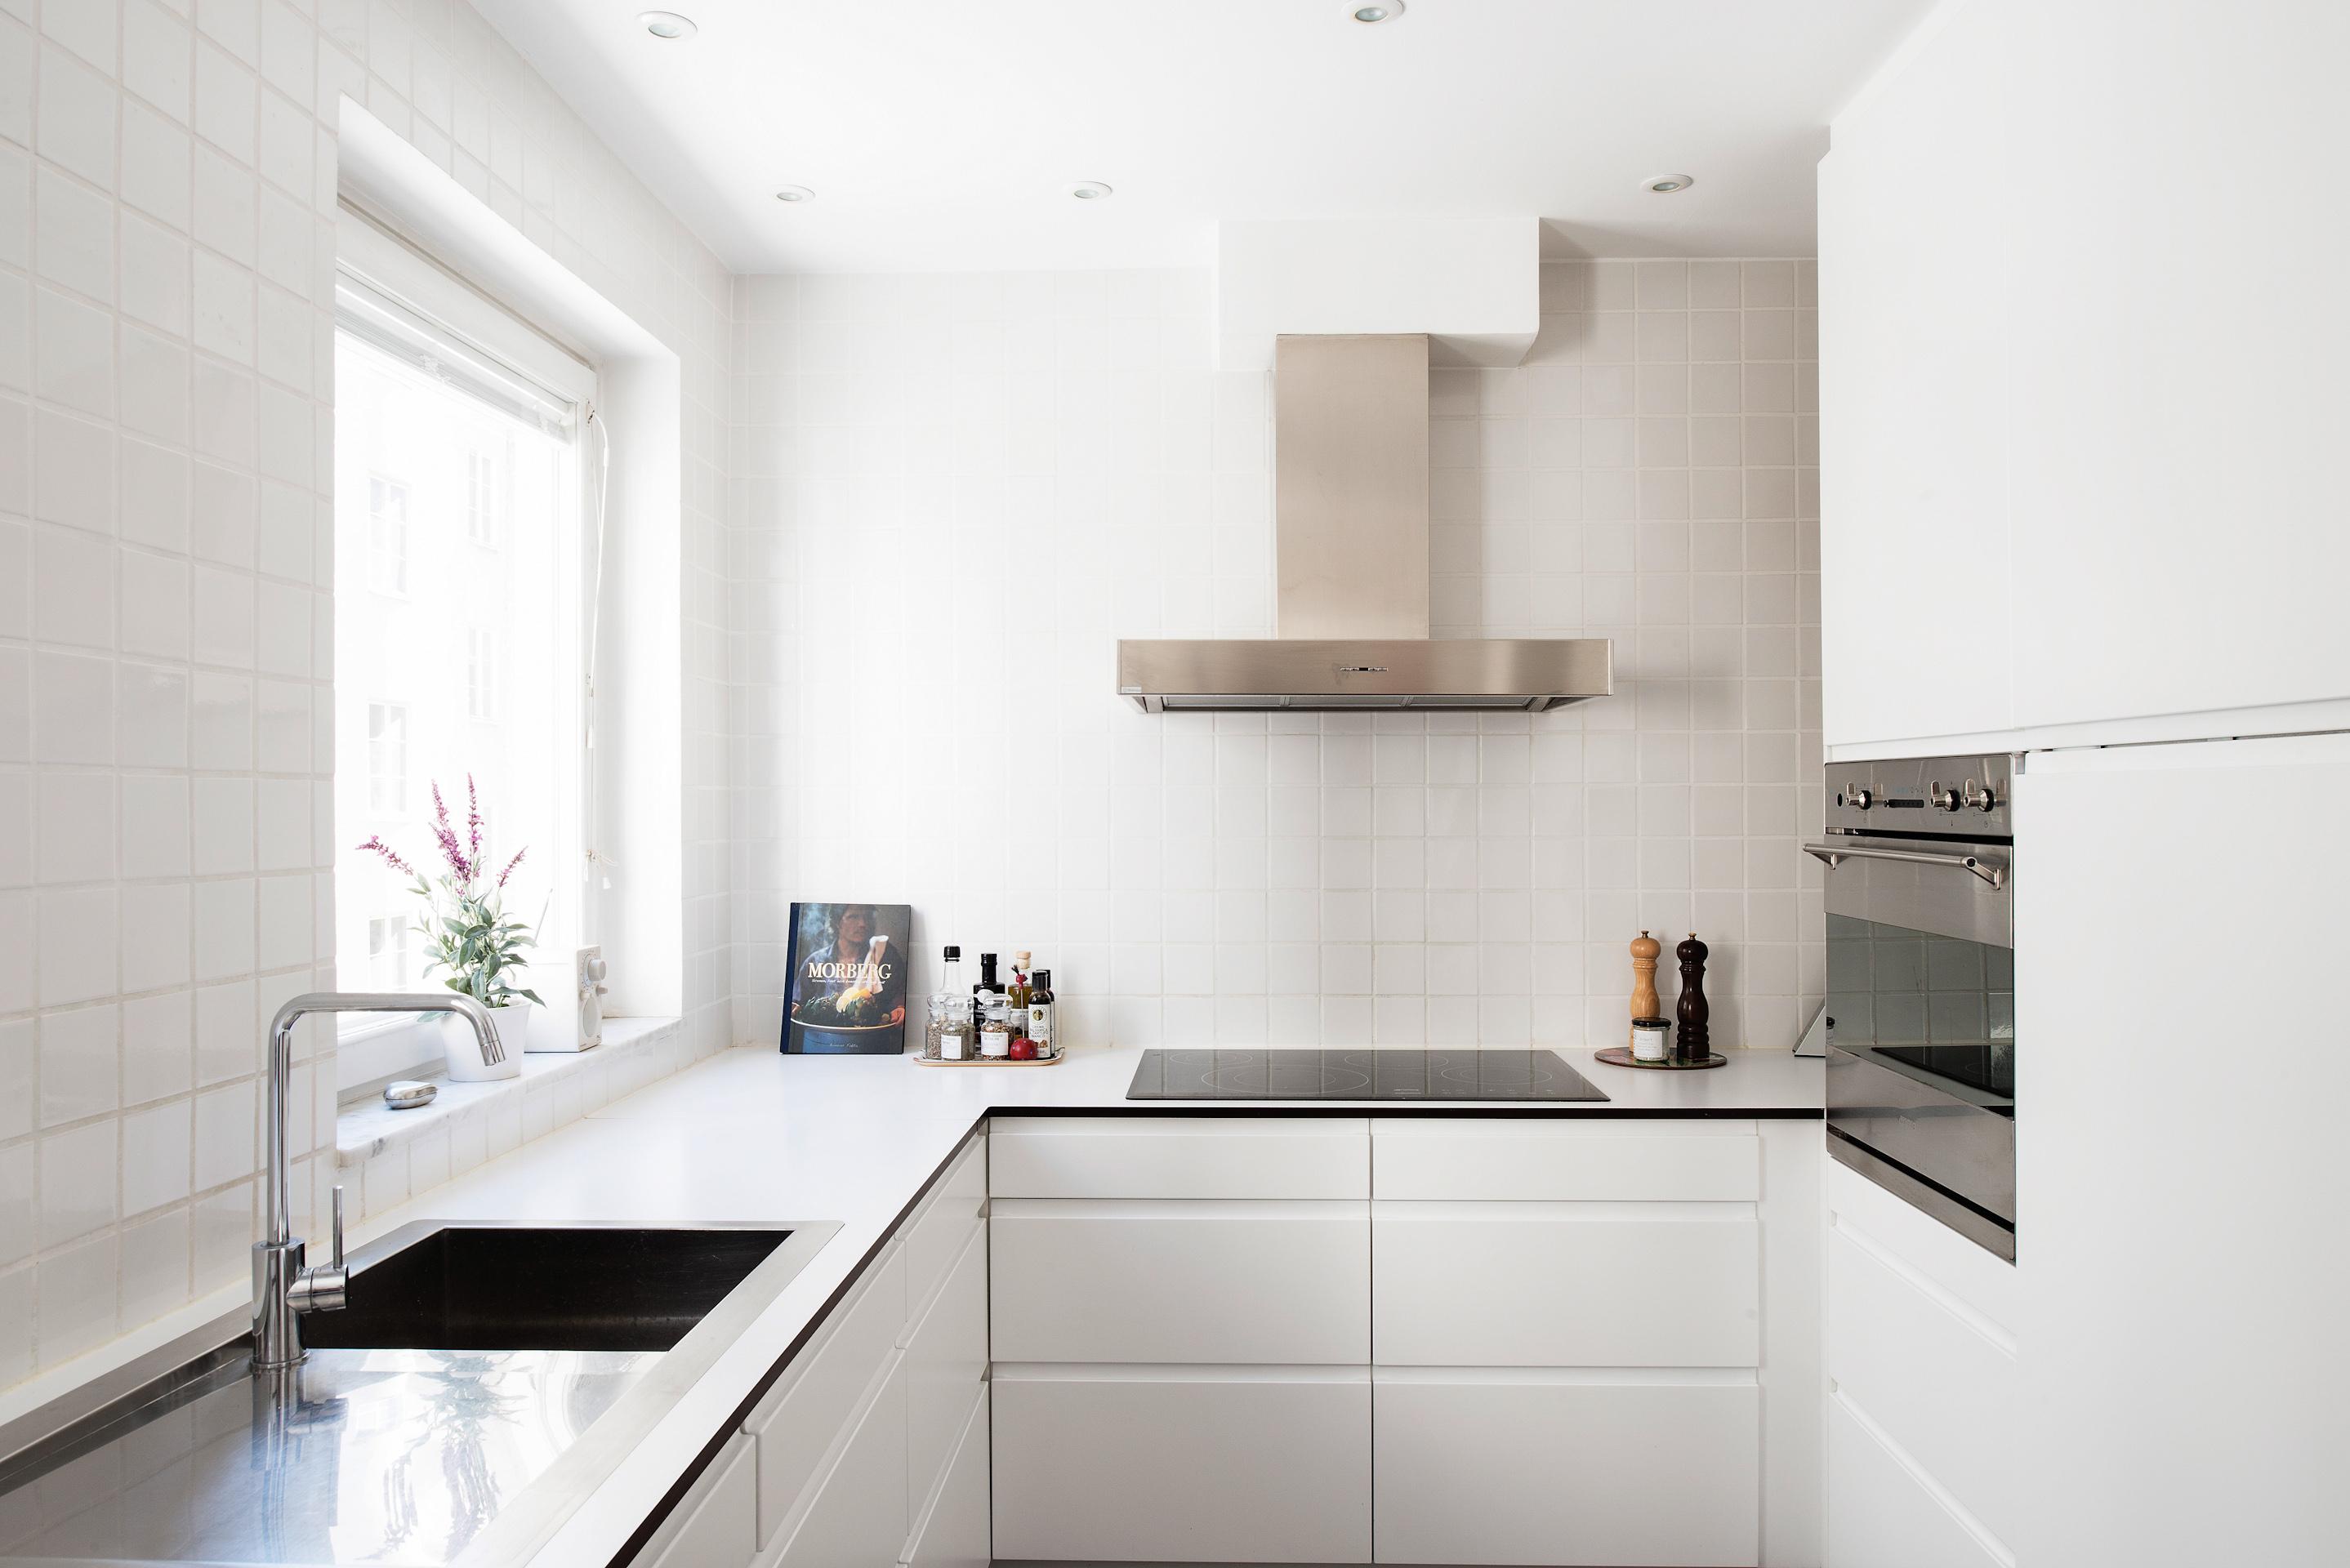 Cocina bien iluminada sin adornos blog tienda decoraci n Decoracion cocinas blancas pequenas